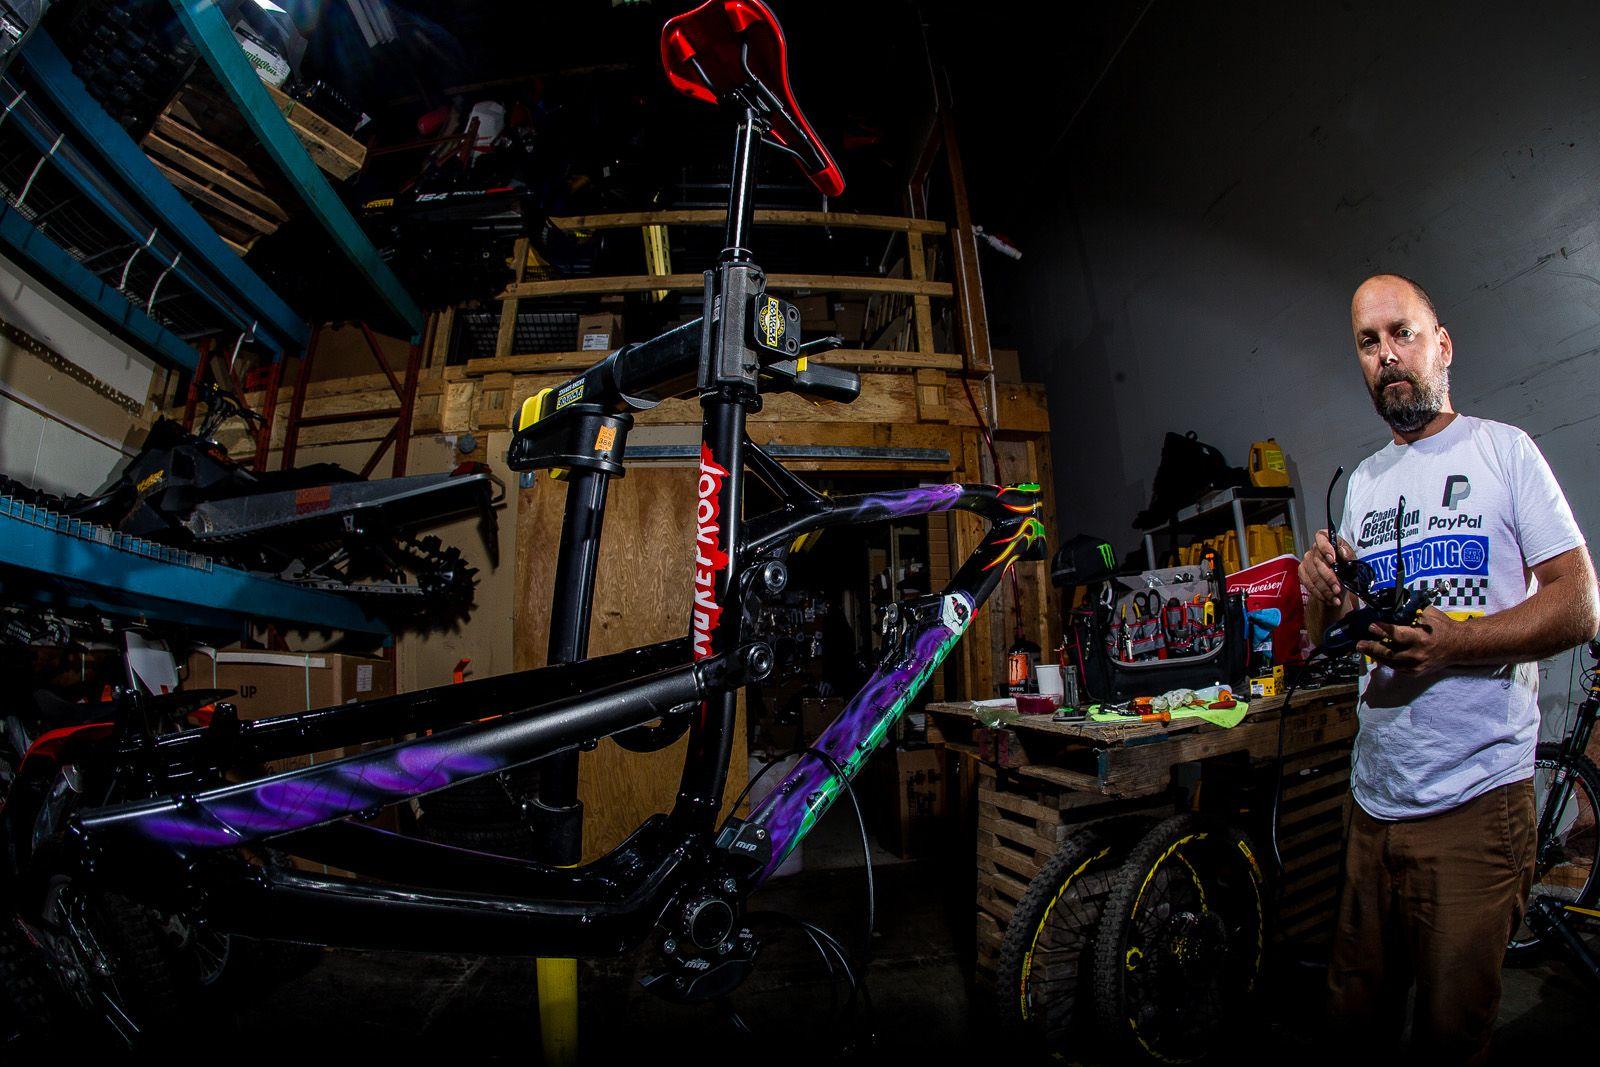 La bicicleta más guapa que ha tenido jamás según el propio Sam Hill